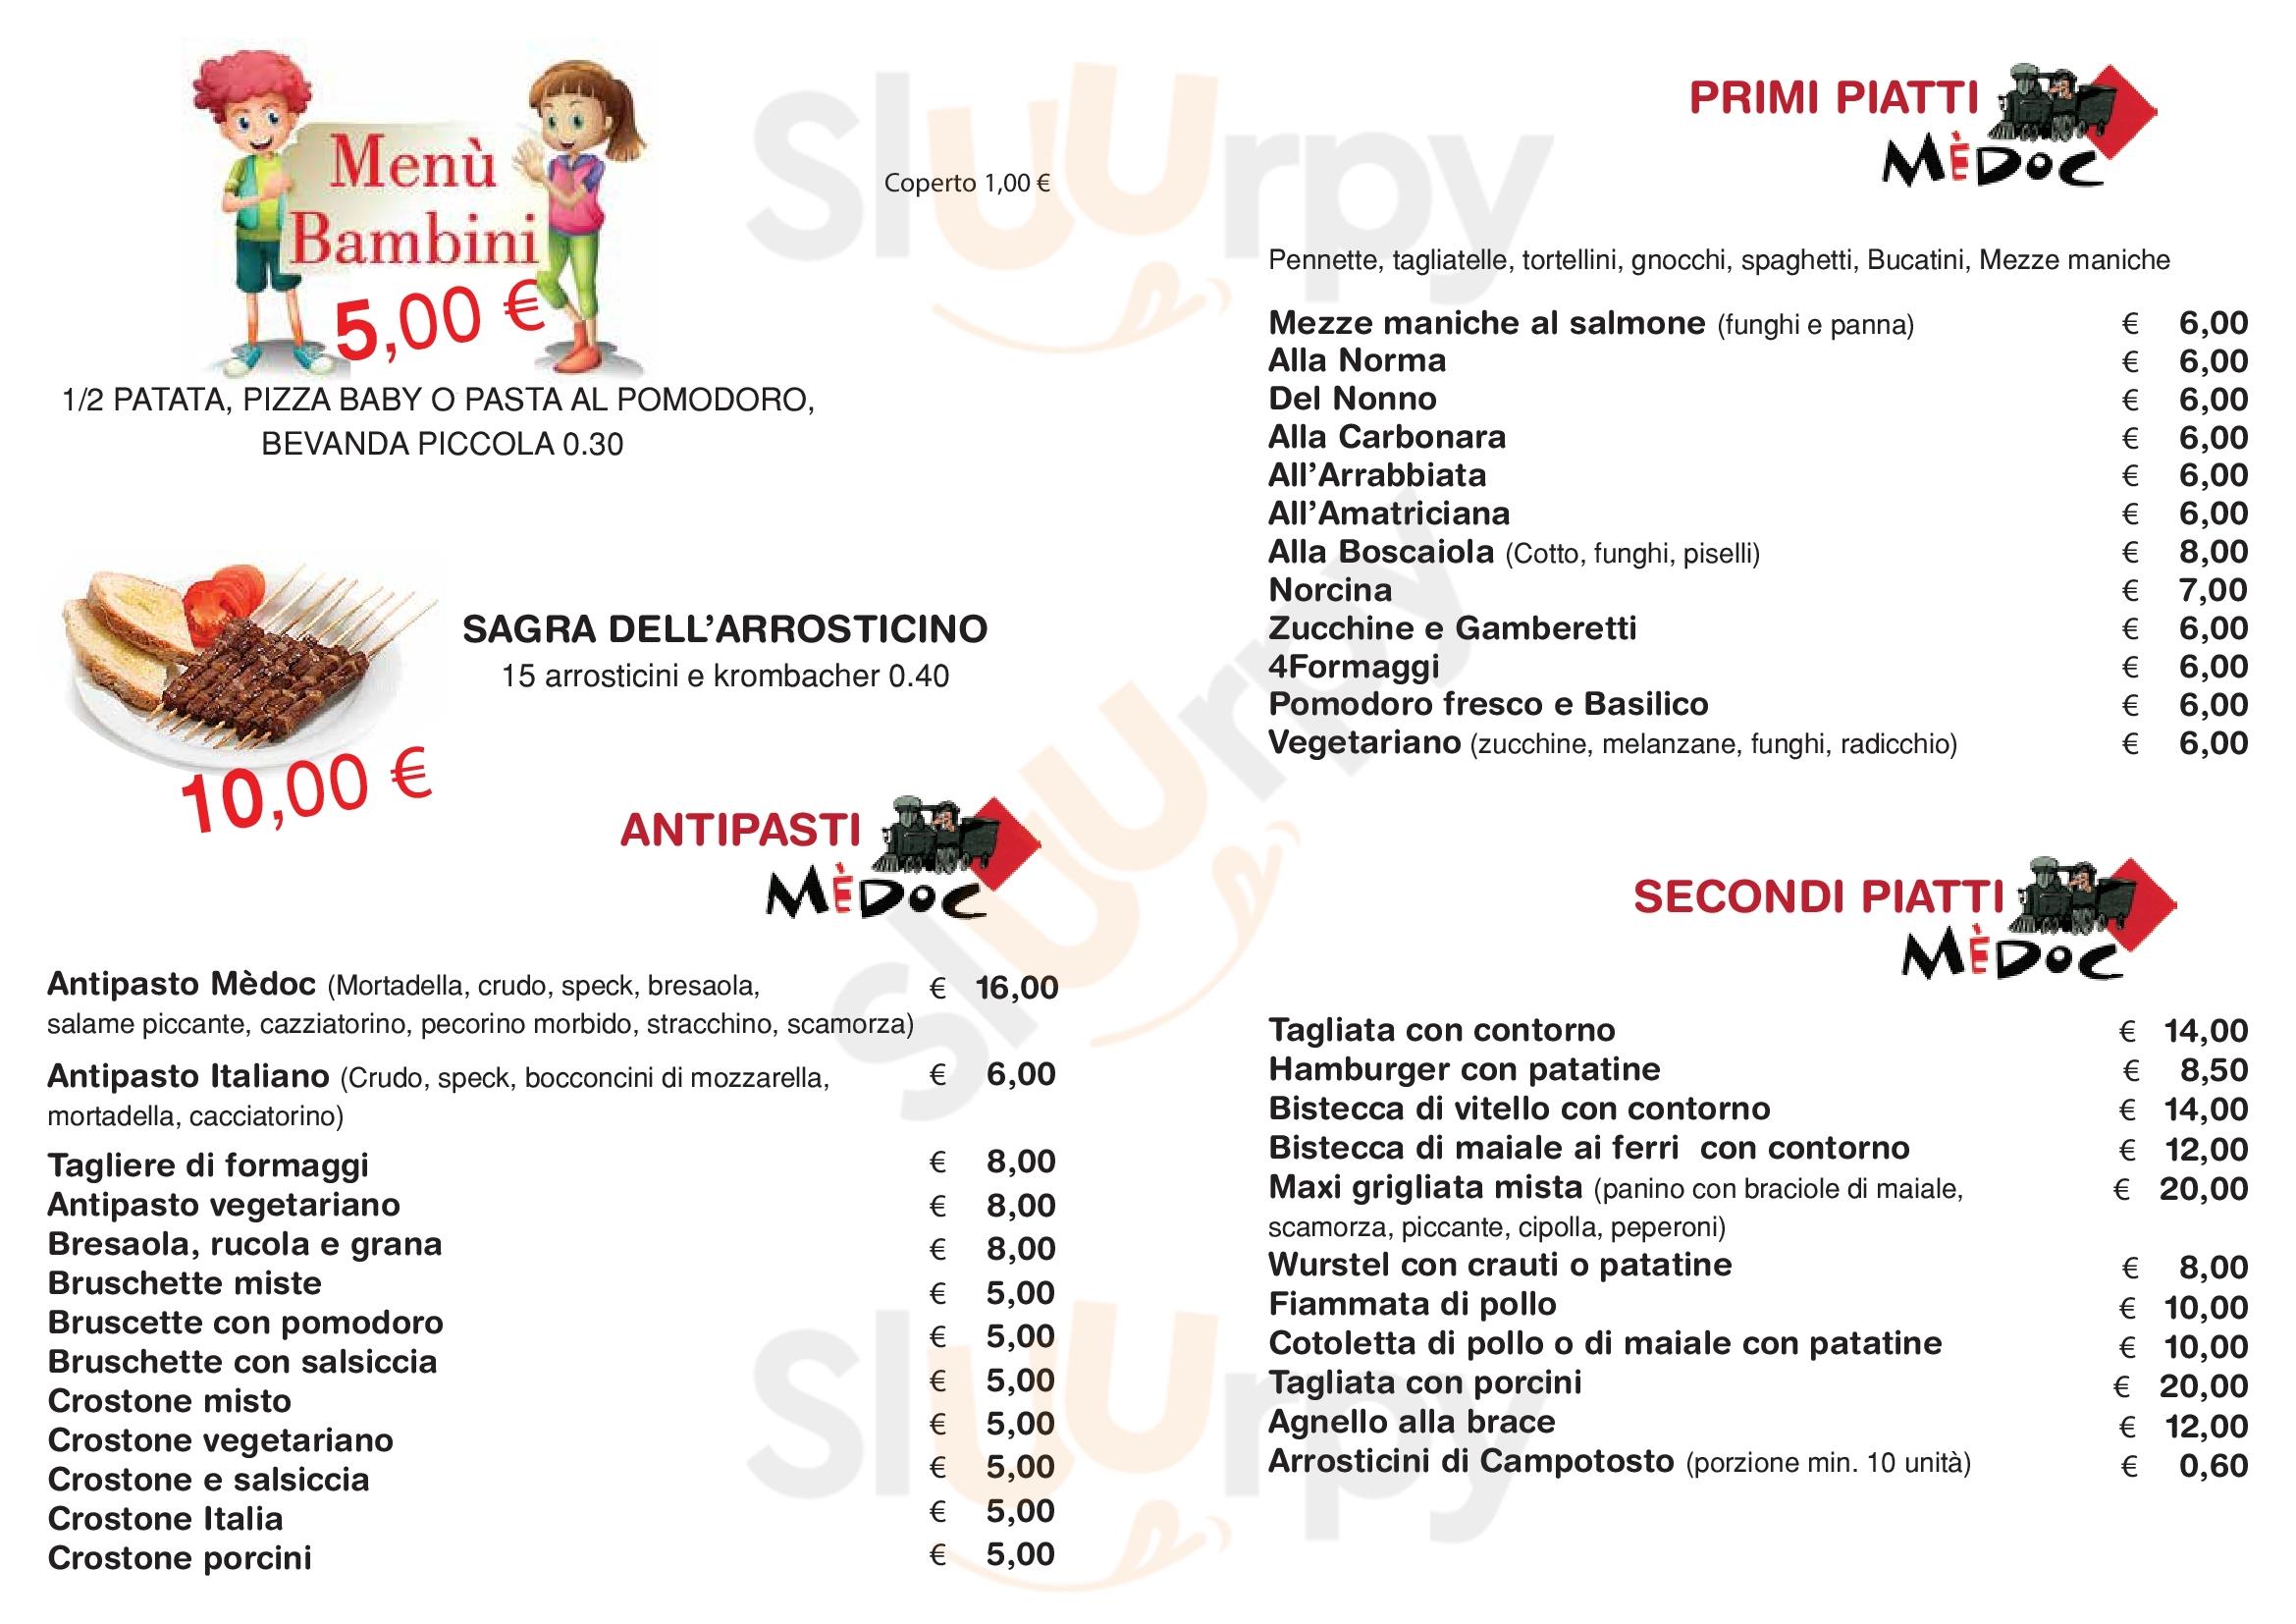 Medoc San Benedetto Del Tronto menù 1 pagina